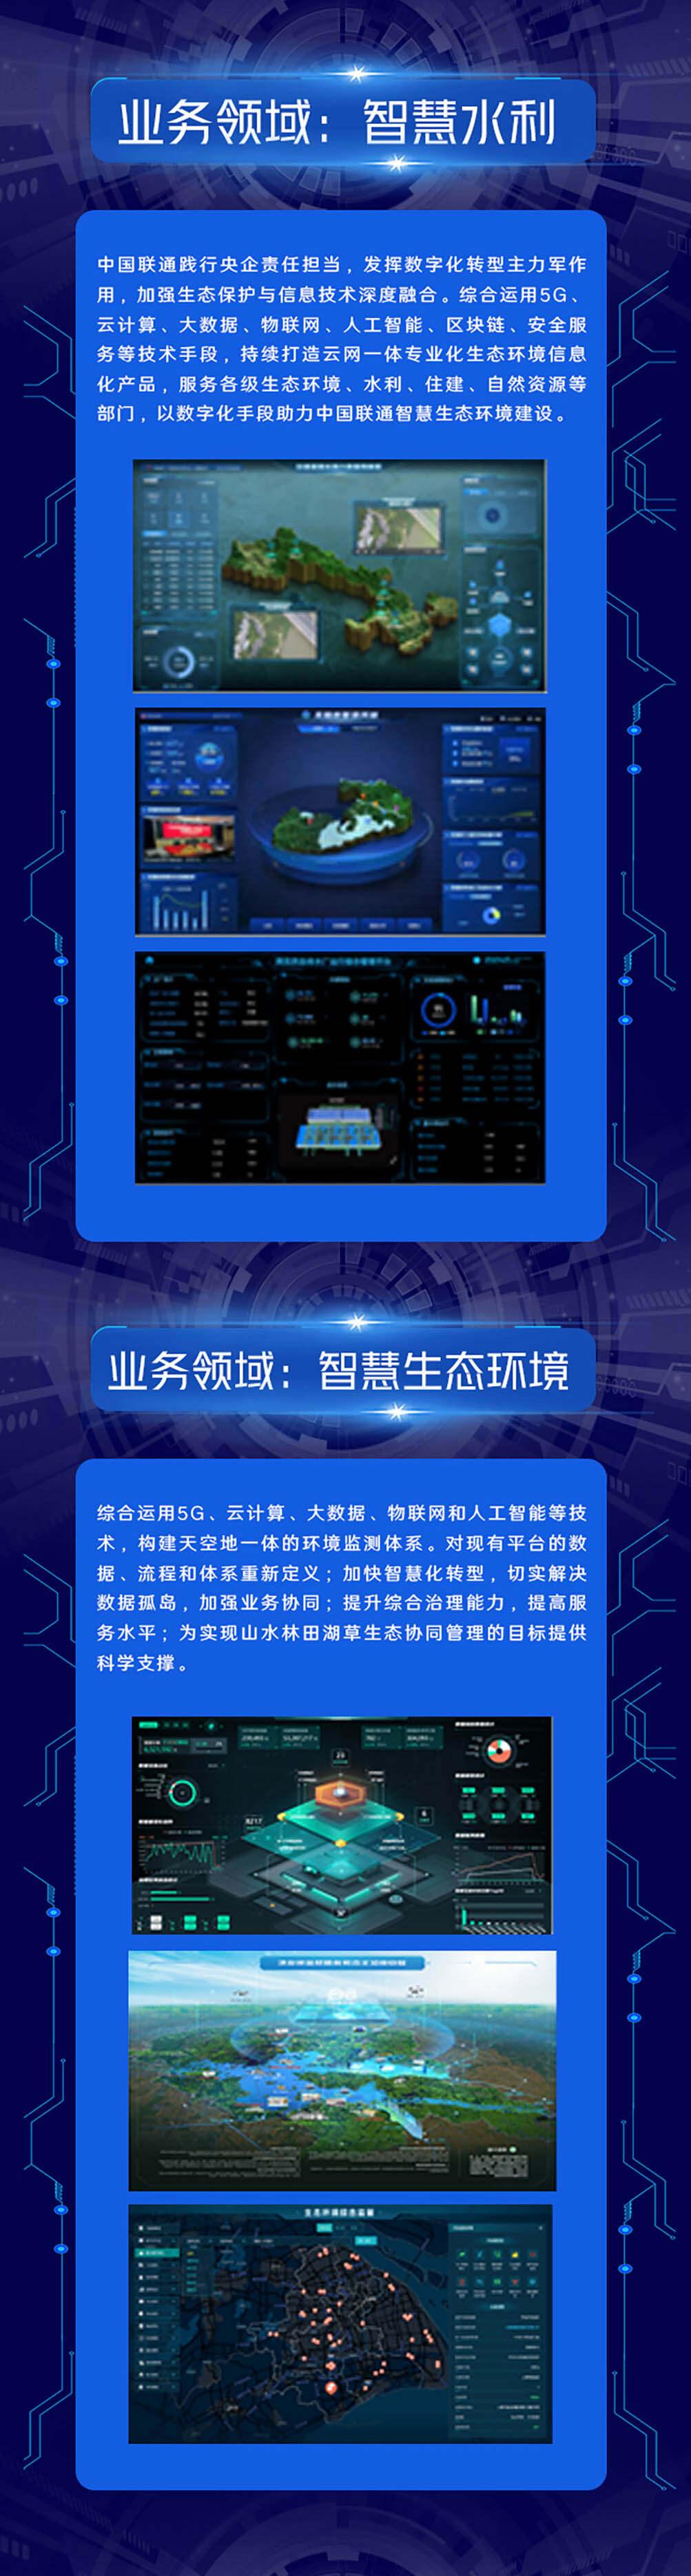 """智融5G云网 营造""""绿水青山""""2"""